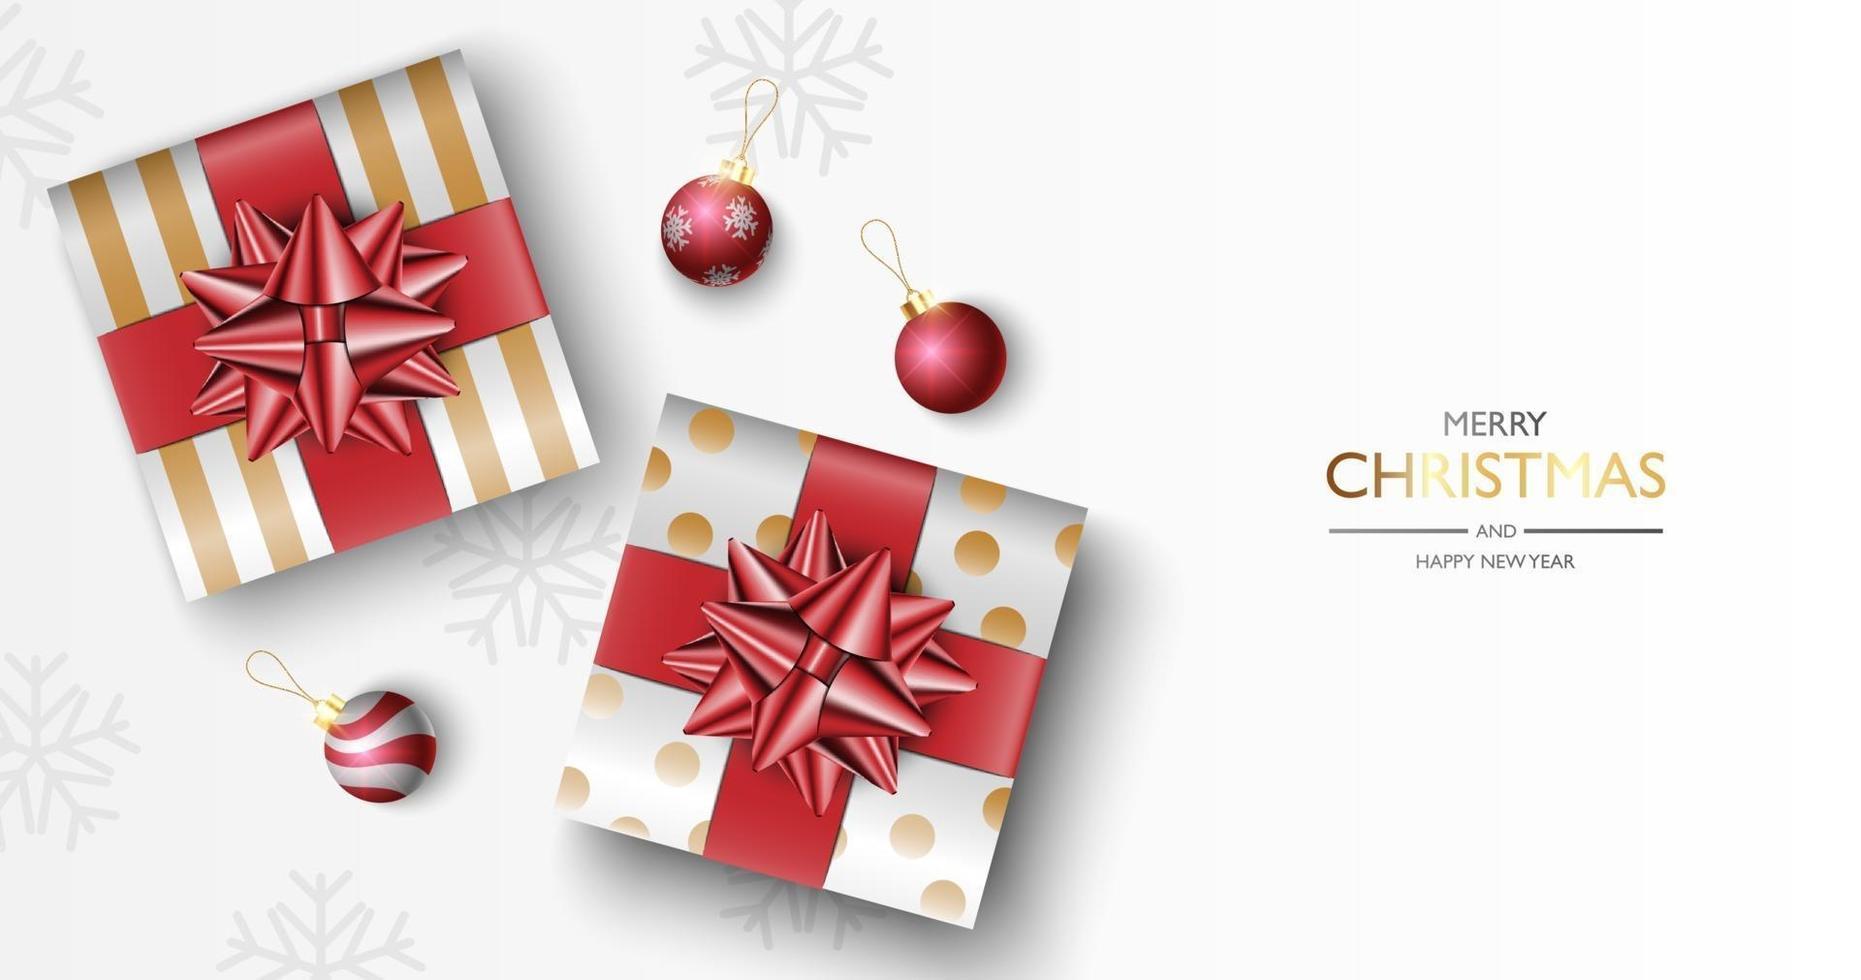 Kerstcadeaus vak achtergrond, Kerstaffiche, wenskaart, vector illustratie